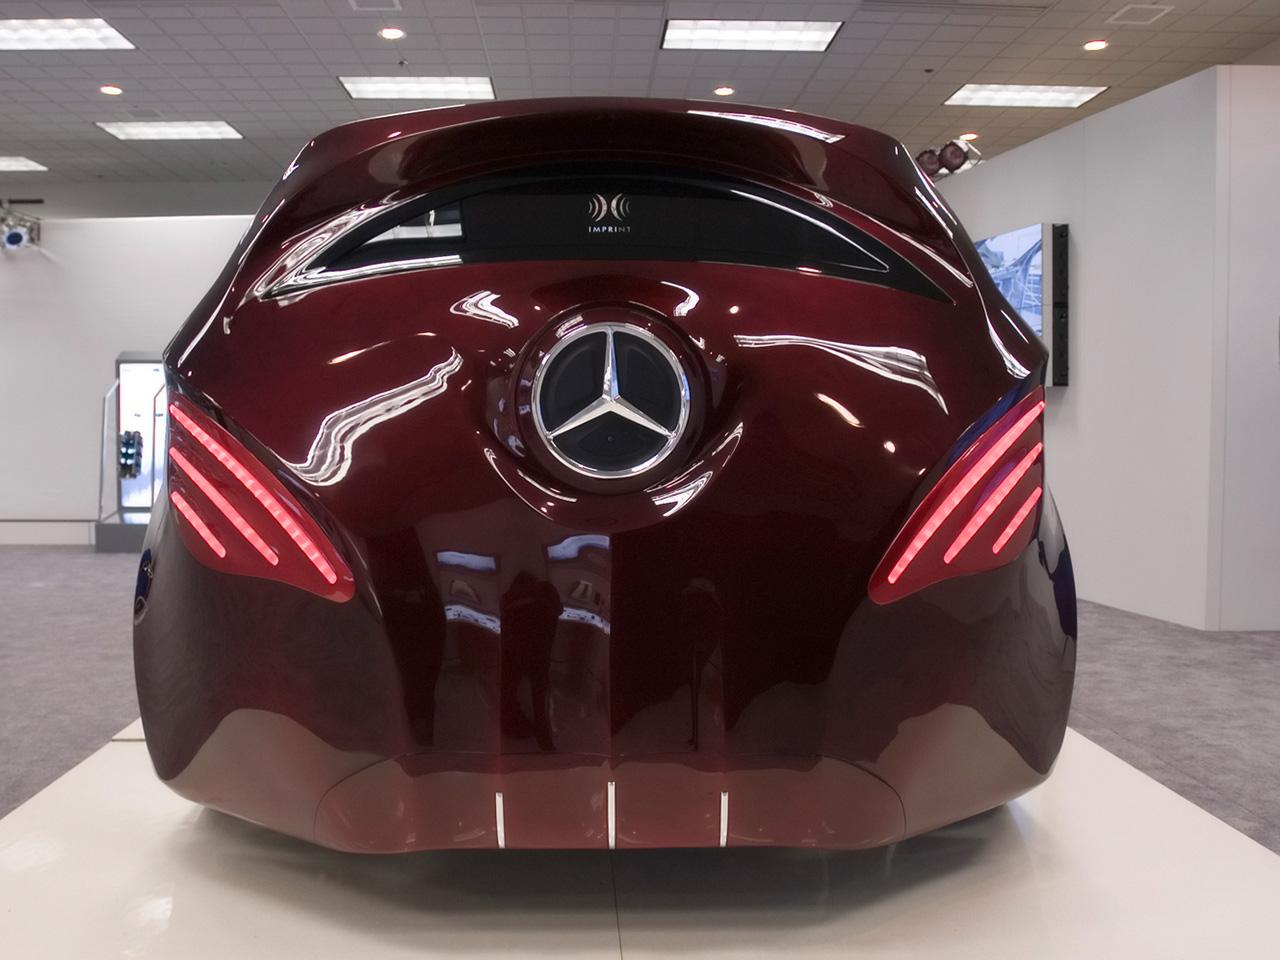 mercedes benz alpin imprint rls demo car benz car photos ForMercedes Benz Demo Cars